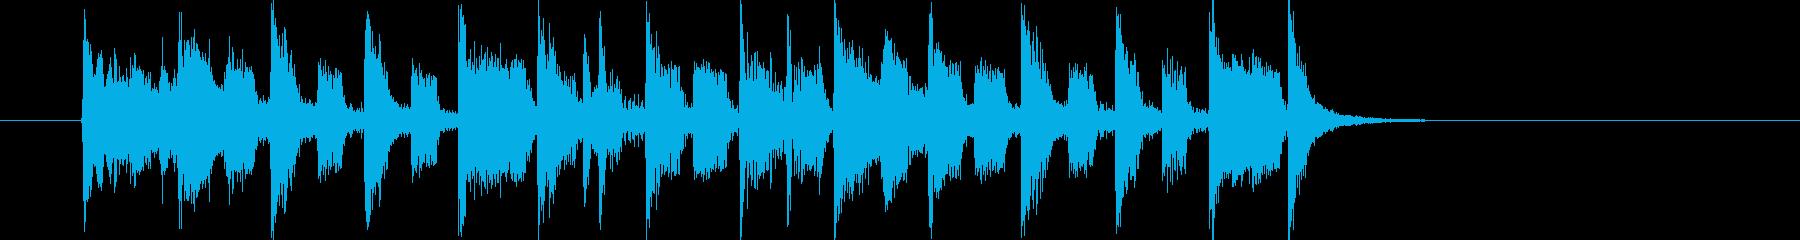 軽快なメロディの洋楽ポップス調の再生済みの波形